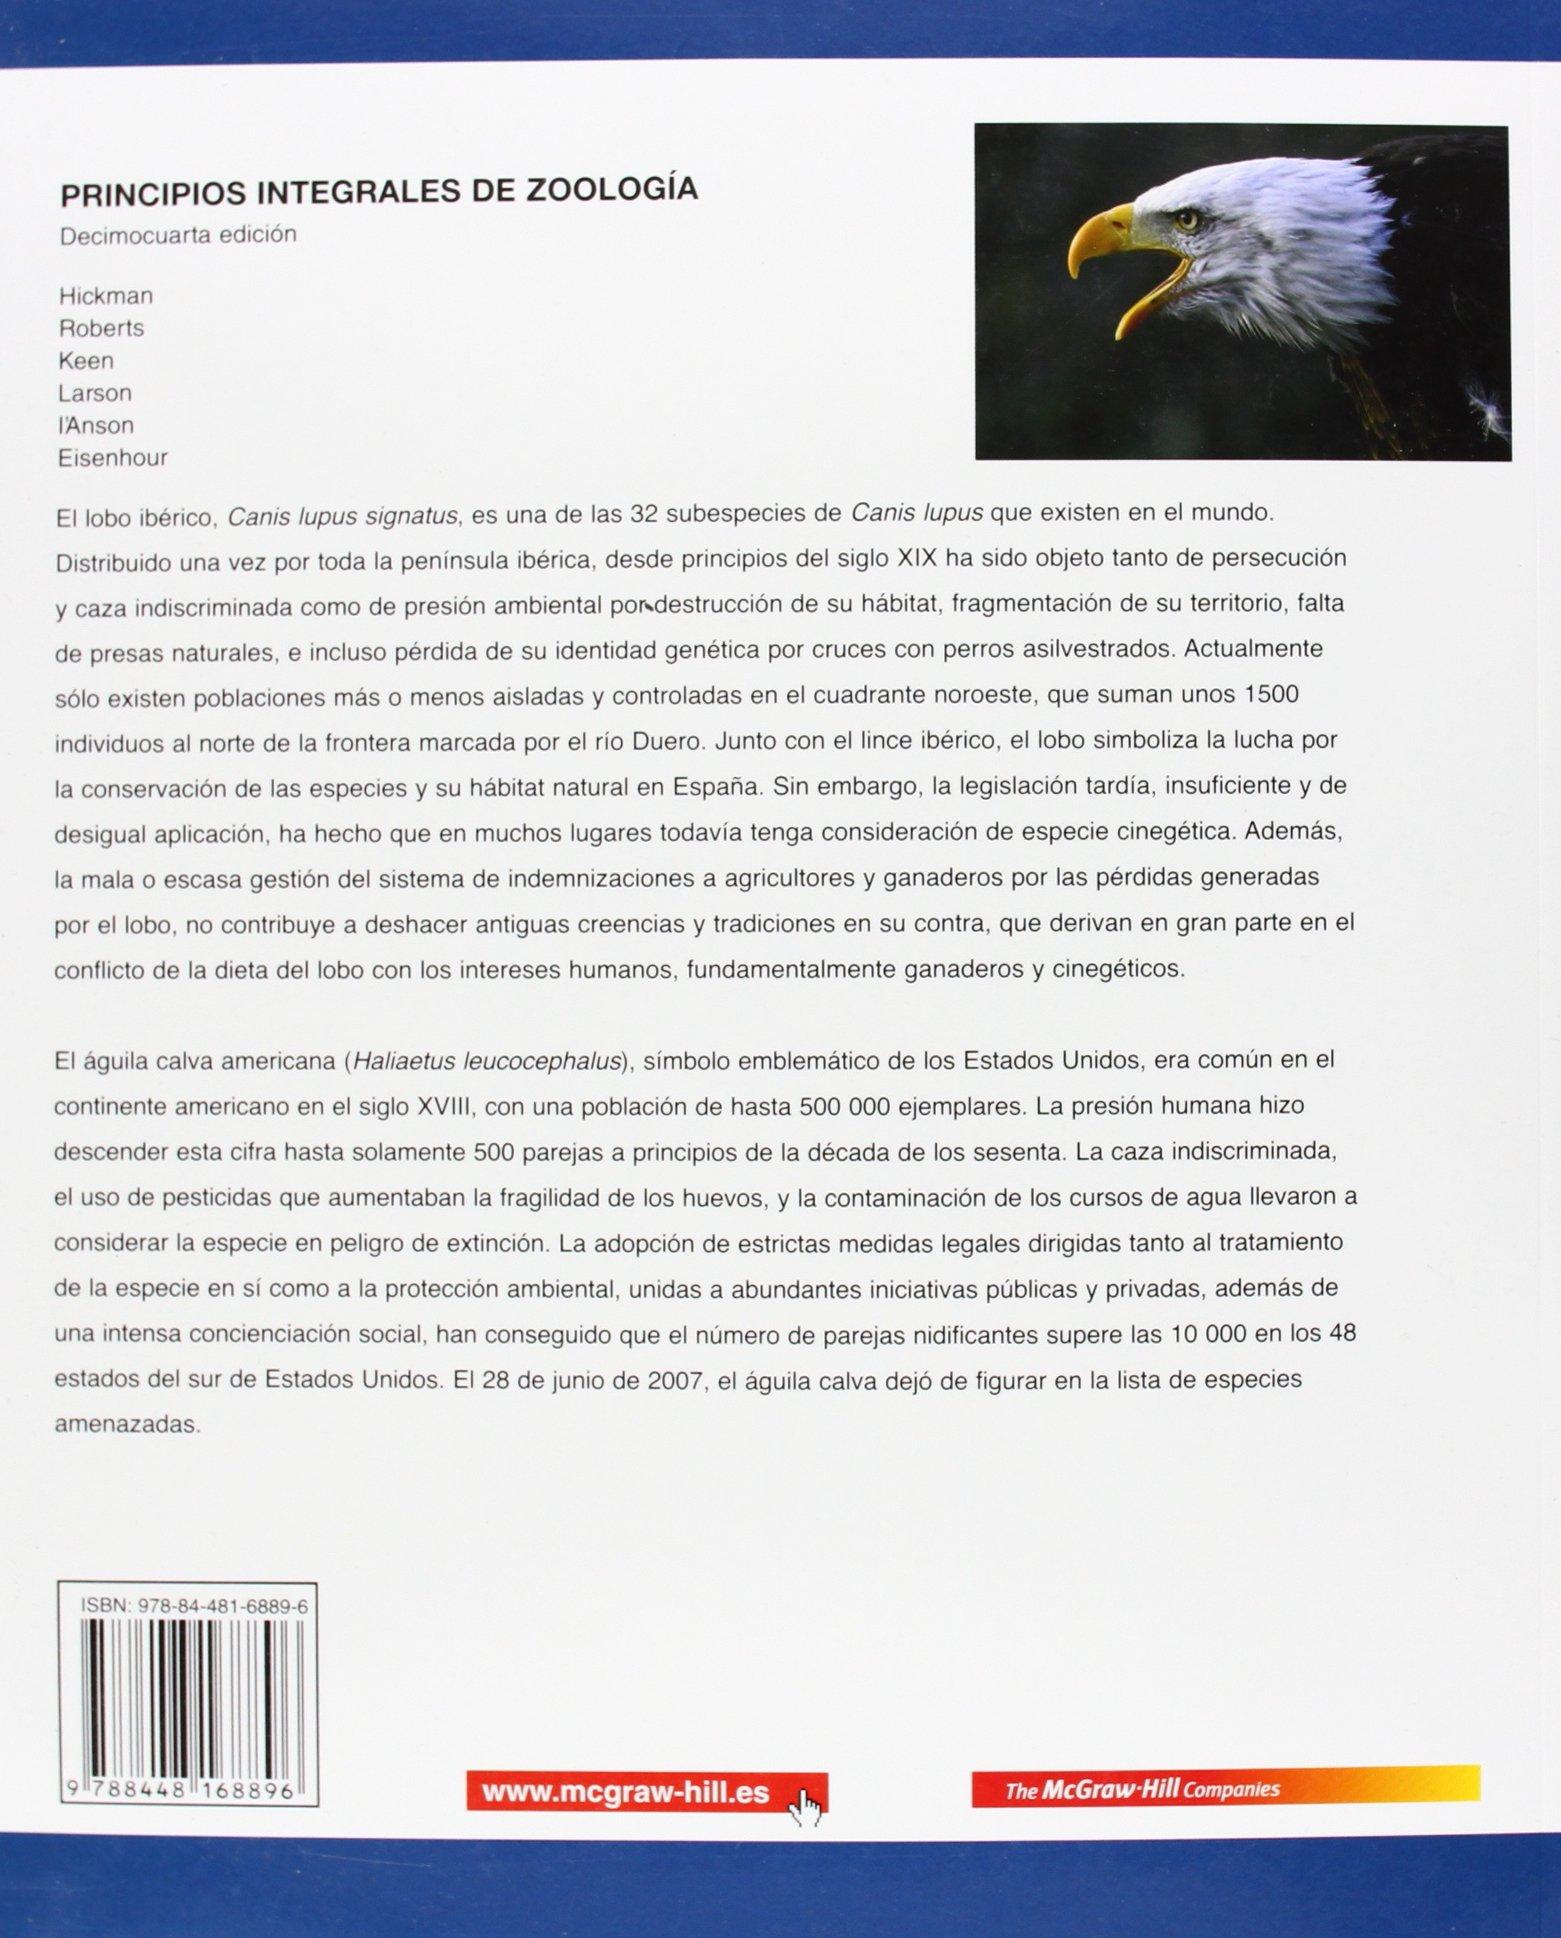 hickman zoologia en espaol 2009